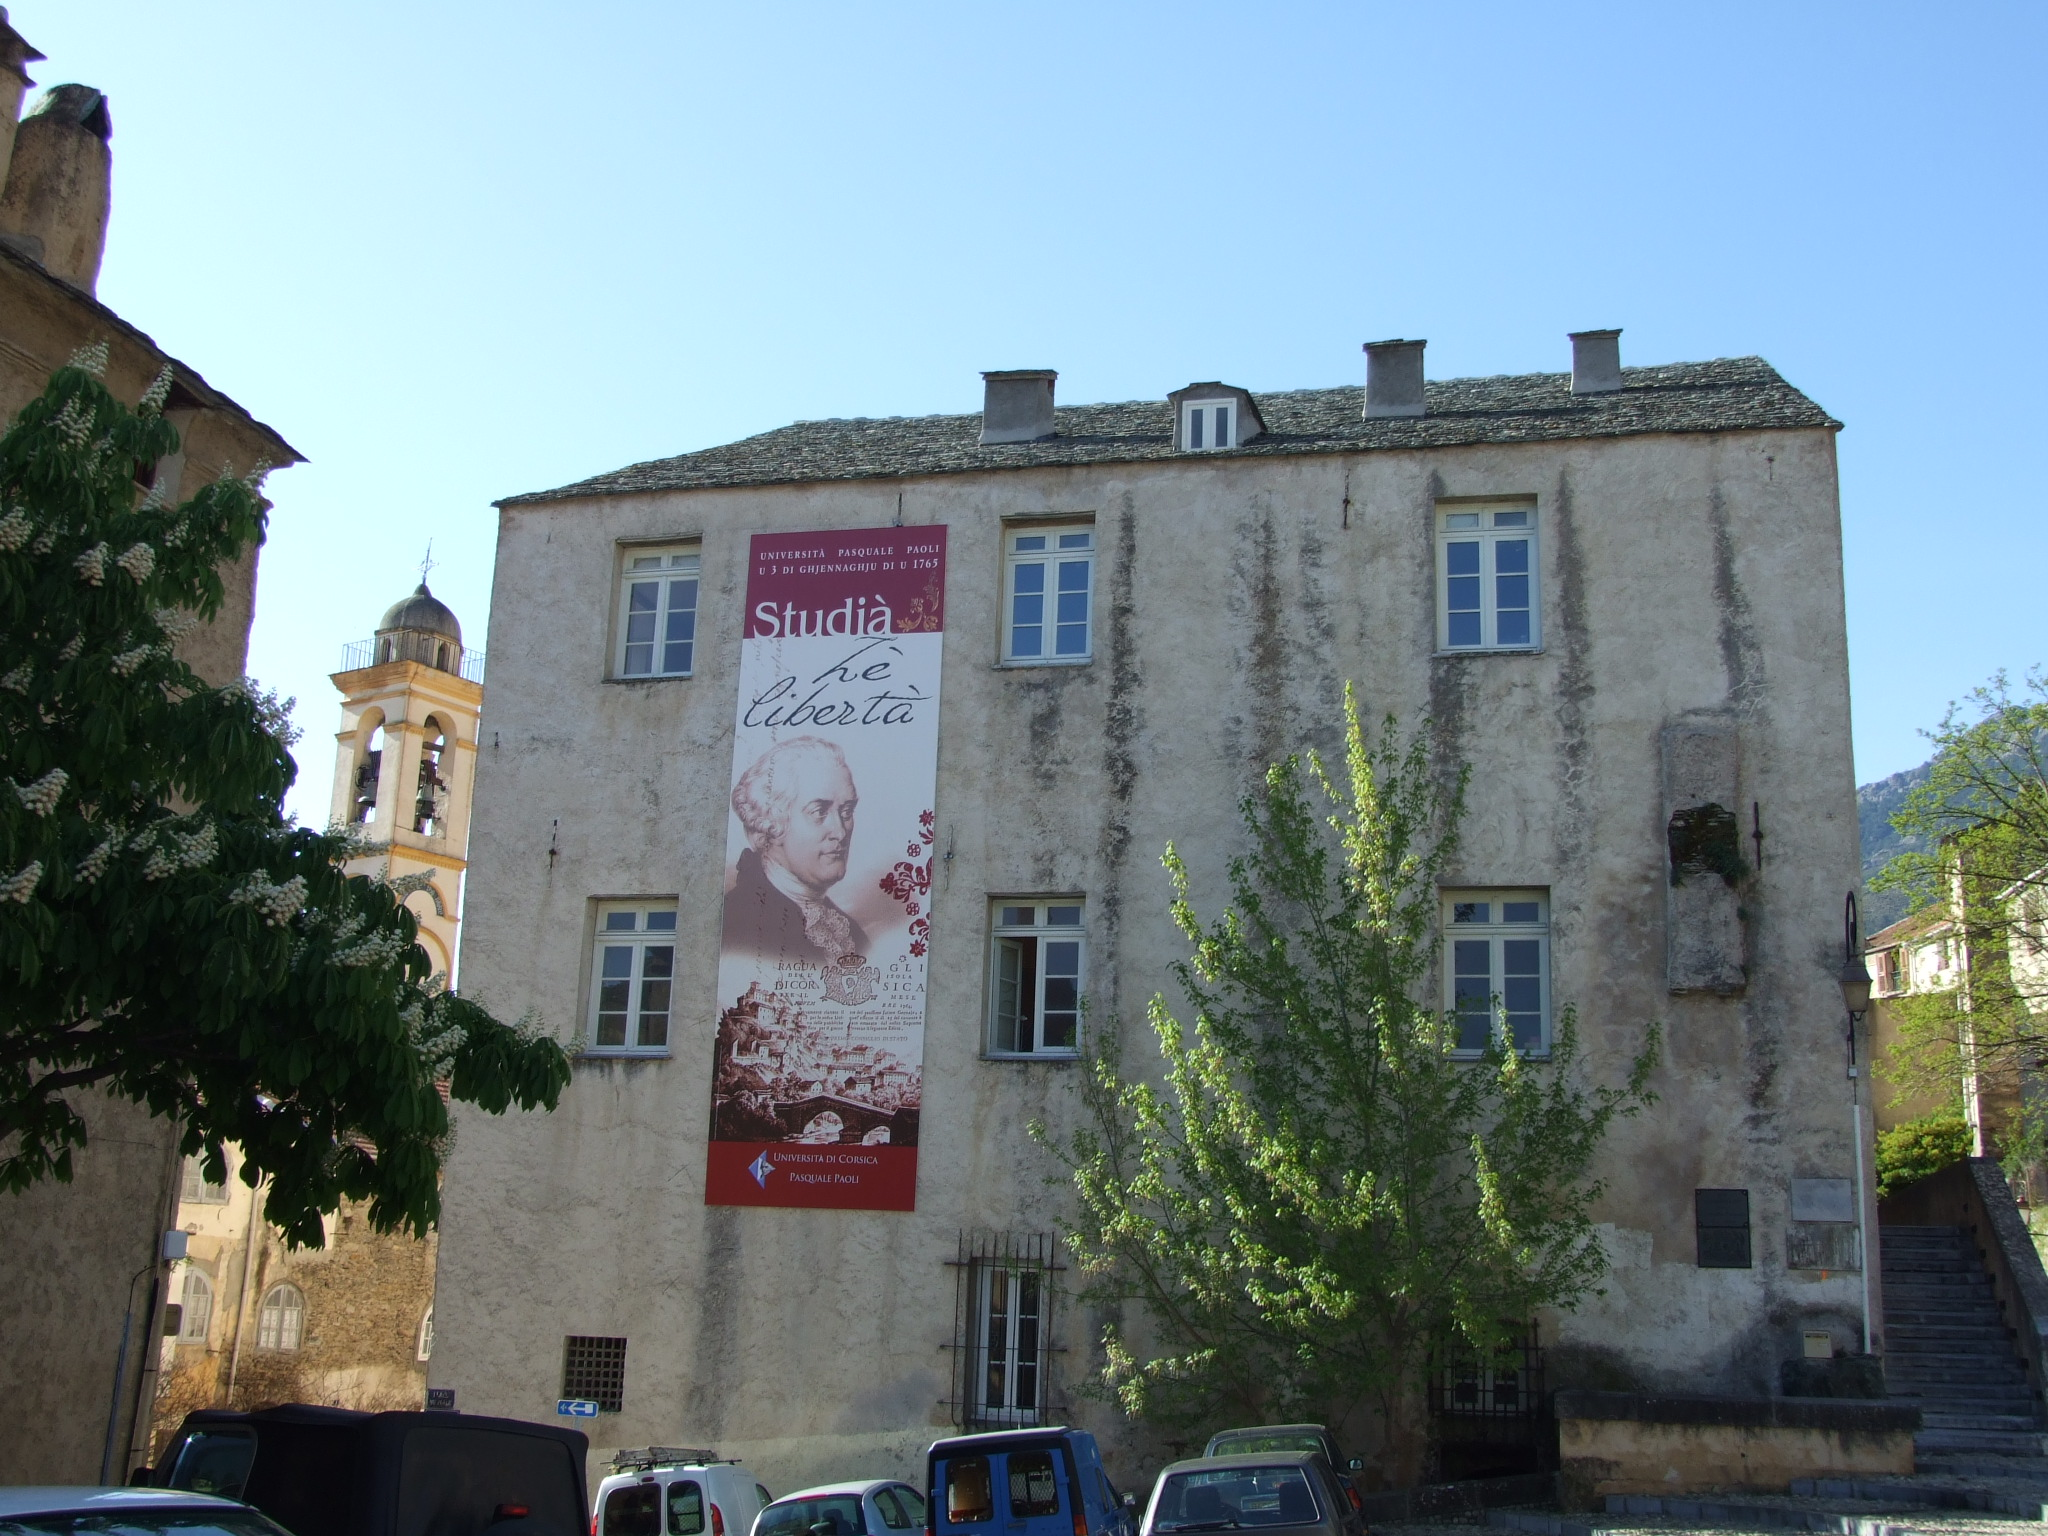 Fondation de l'Université de Corse : la culture d'entreprendre et d'innover comme moteur